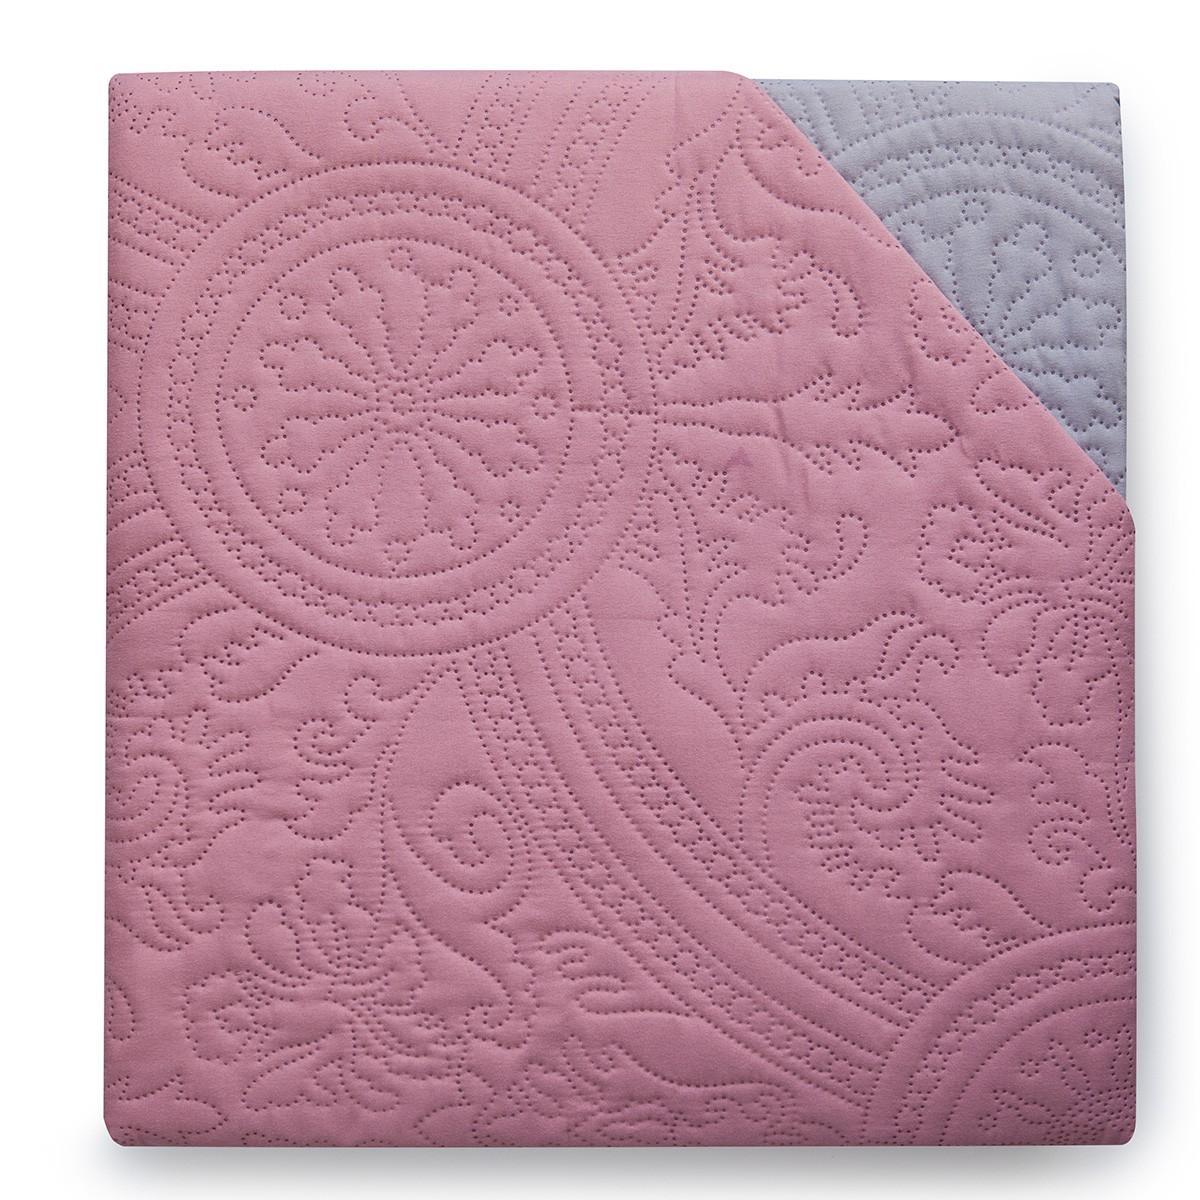 Κουβερλί Υπέρδιπλο Διπλή Όψης Melinen Rose/Grey